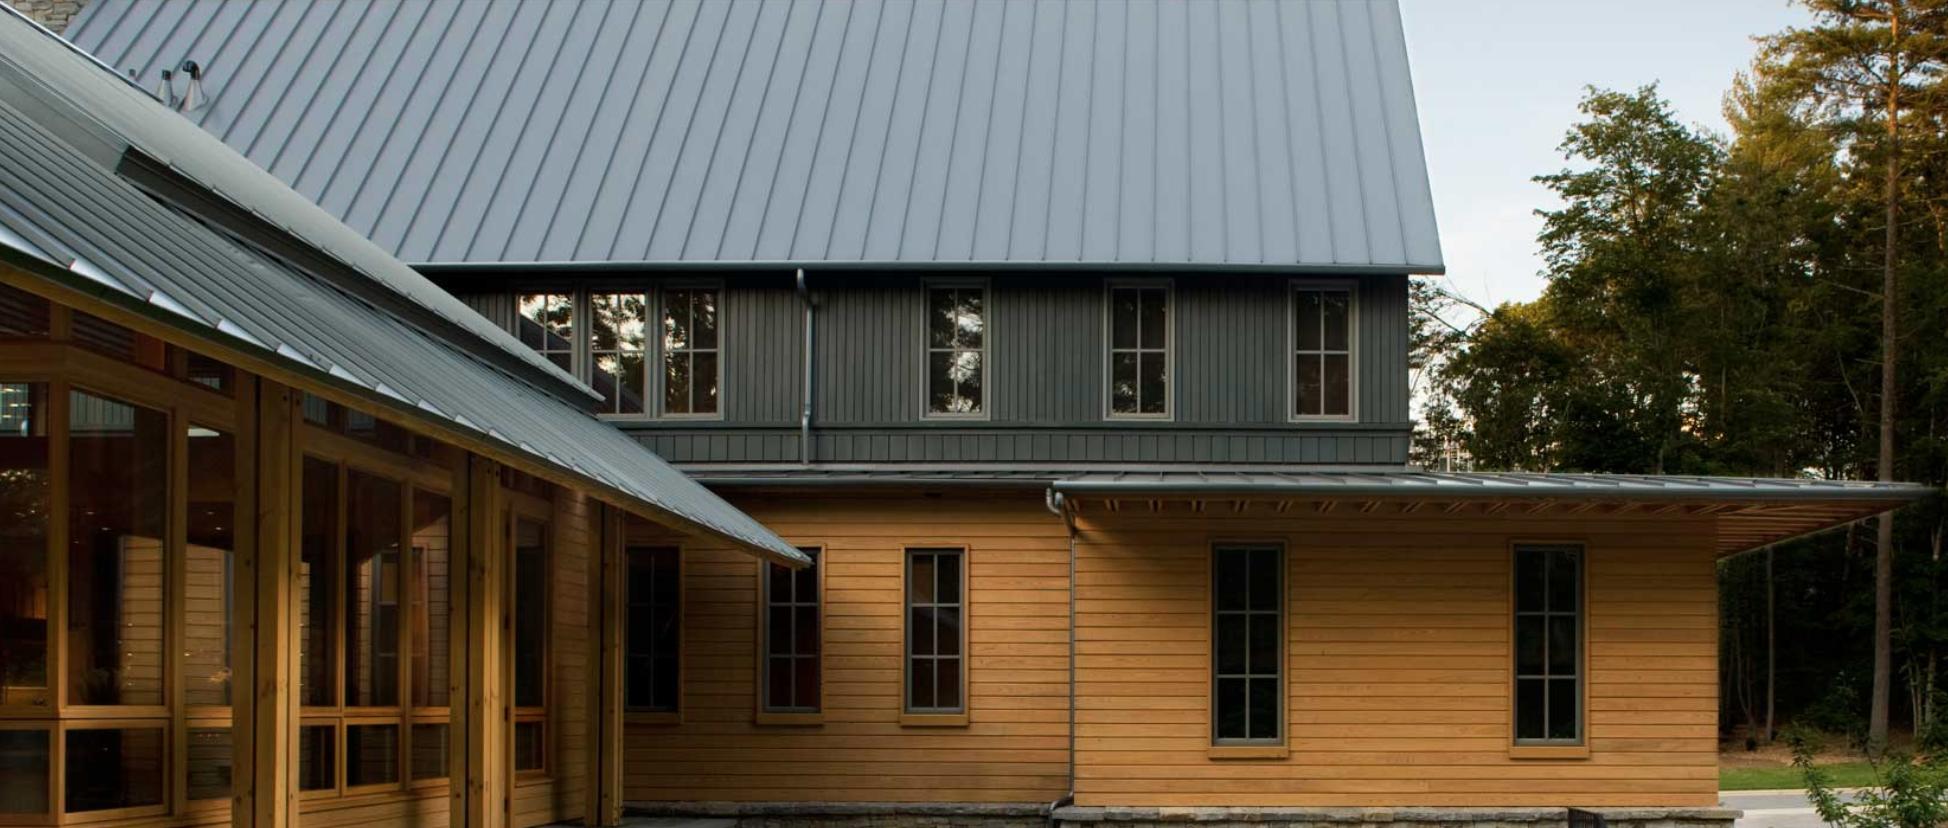 Architect:  Carlton Edwards